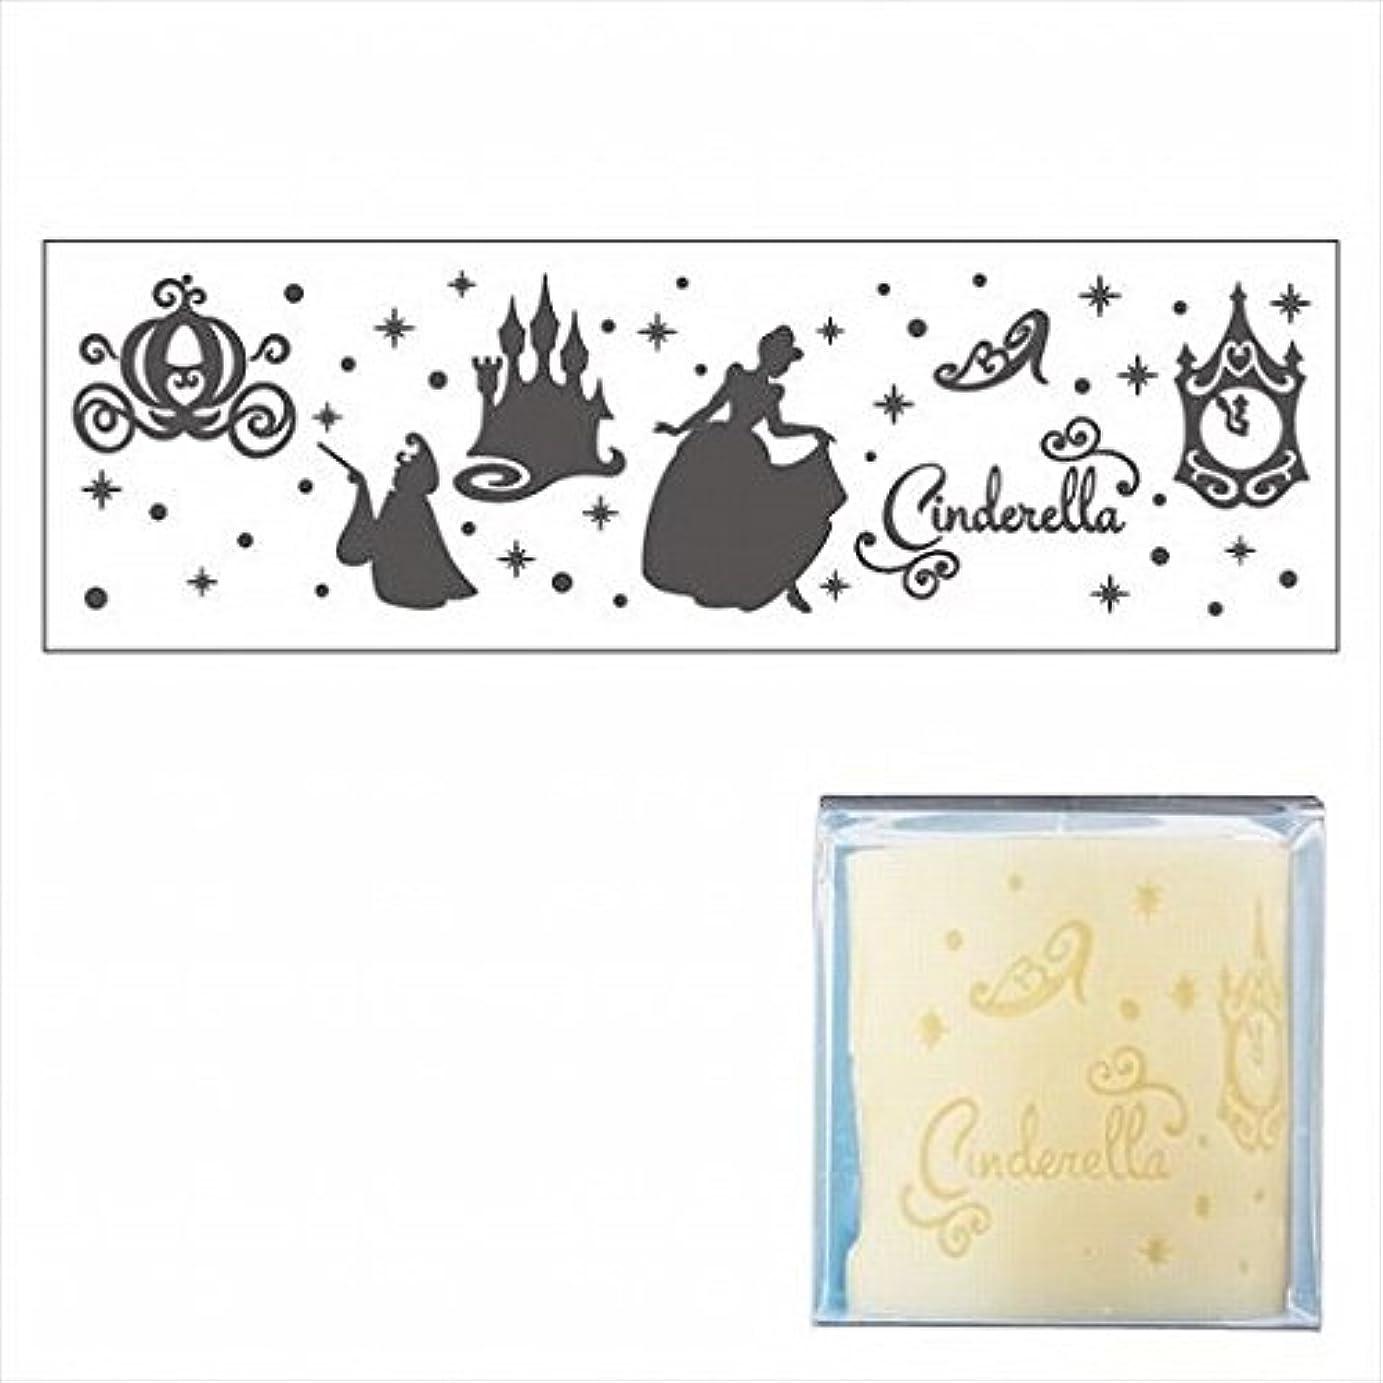 五月日焼けうねるkameyama candle(カメヤマキャンドル) ディズニーLEDキャンドル 「 シンデレラ 」(A4320030)